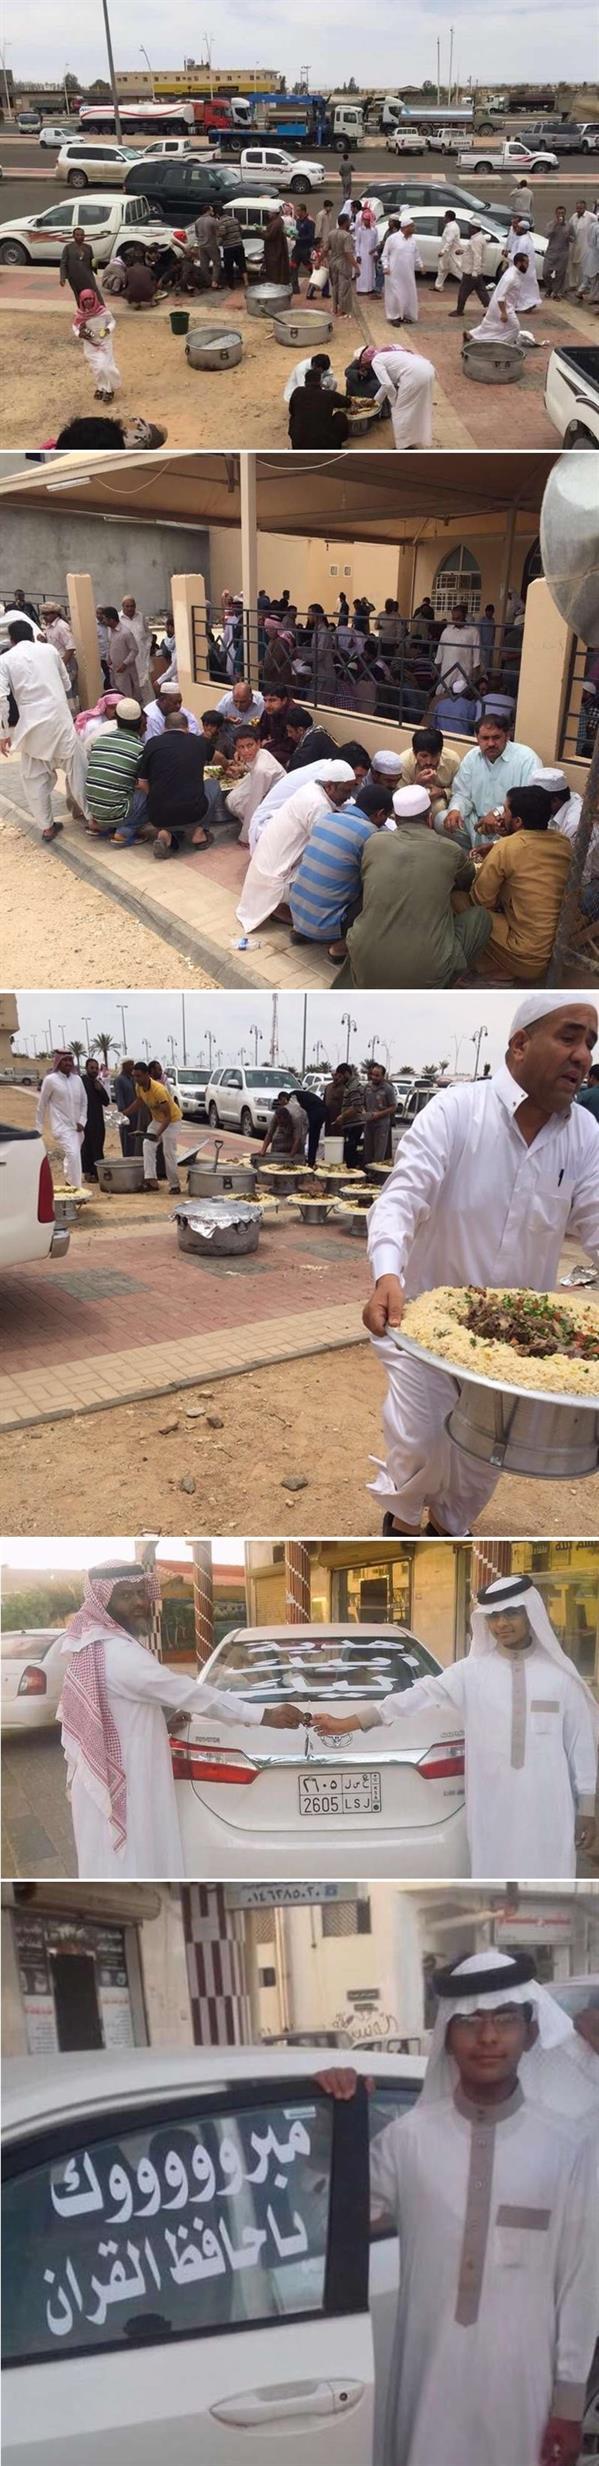 إمام مسجد يقيم وليمة للمصلين ويهدي ابنه سيارة احتفالا بحفظه للقرآن